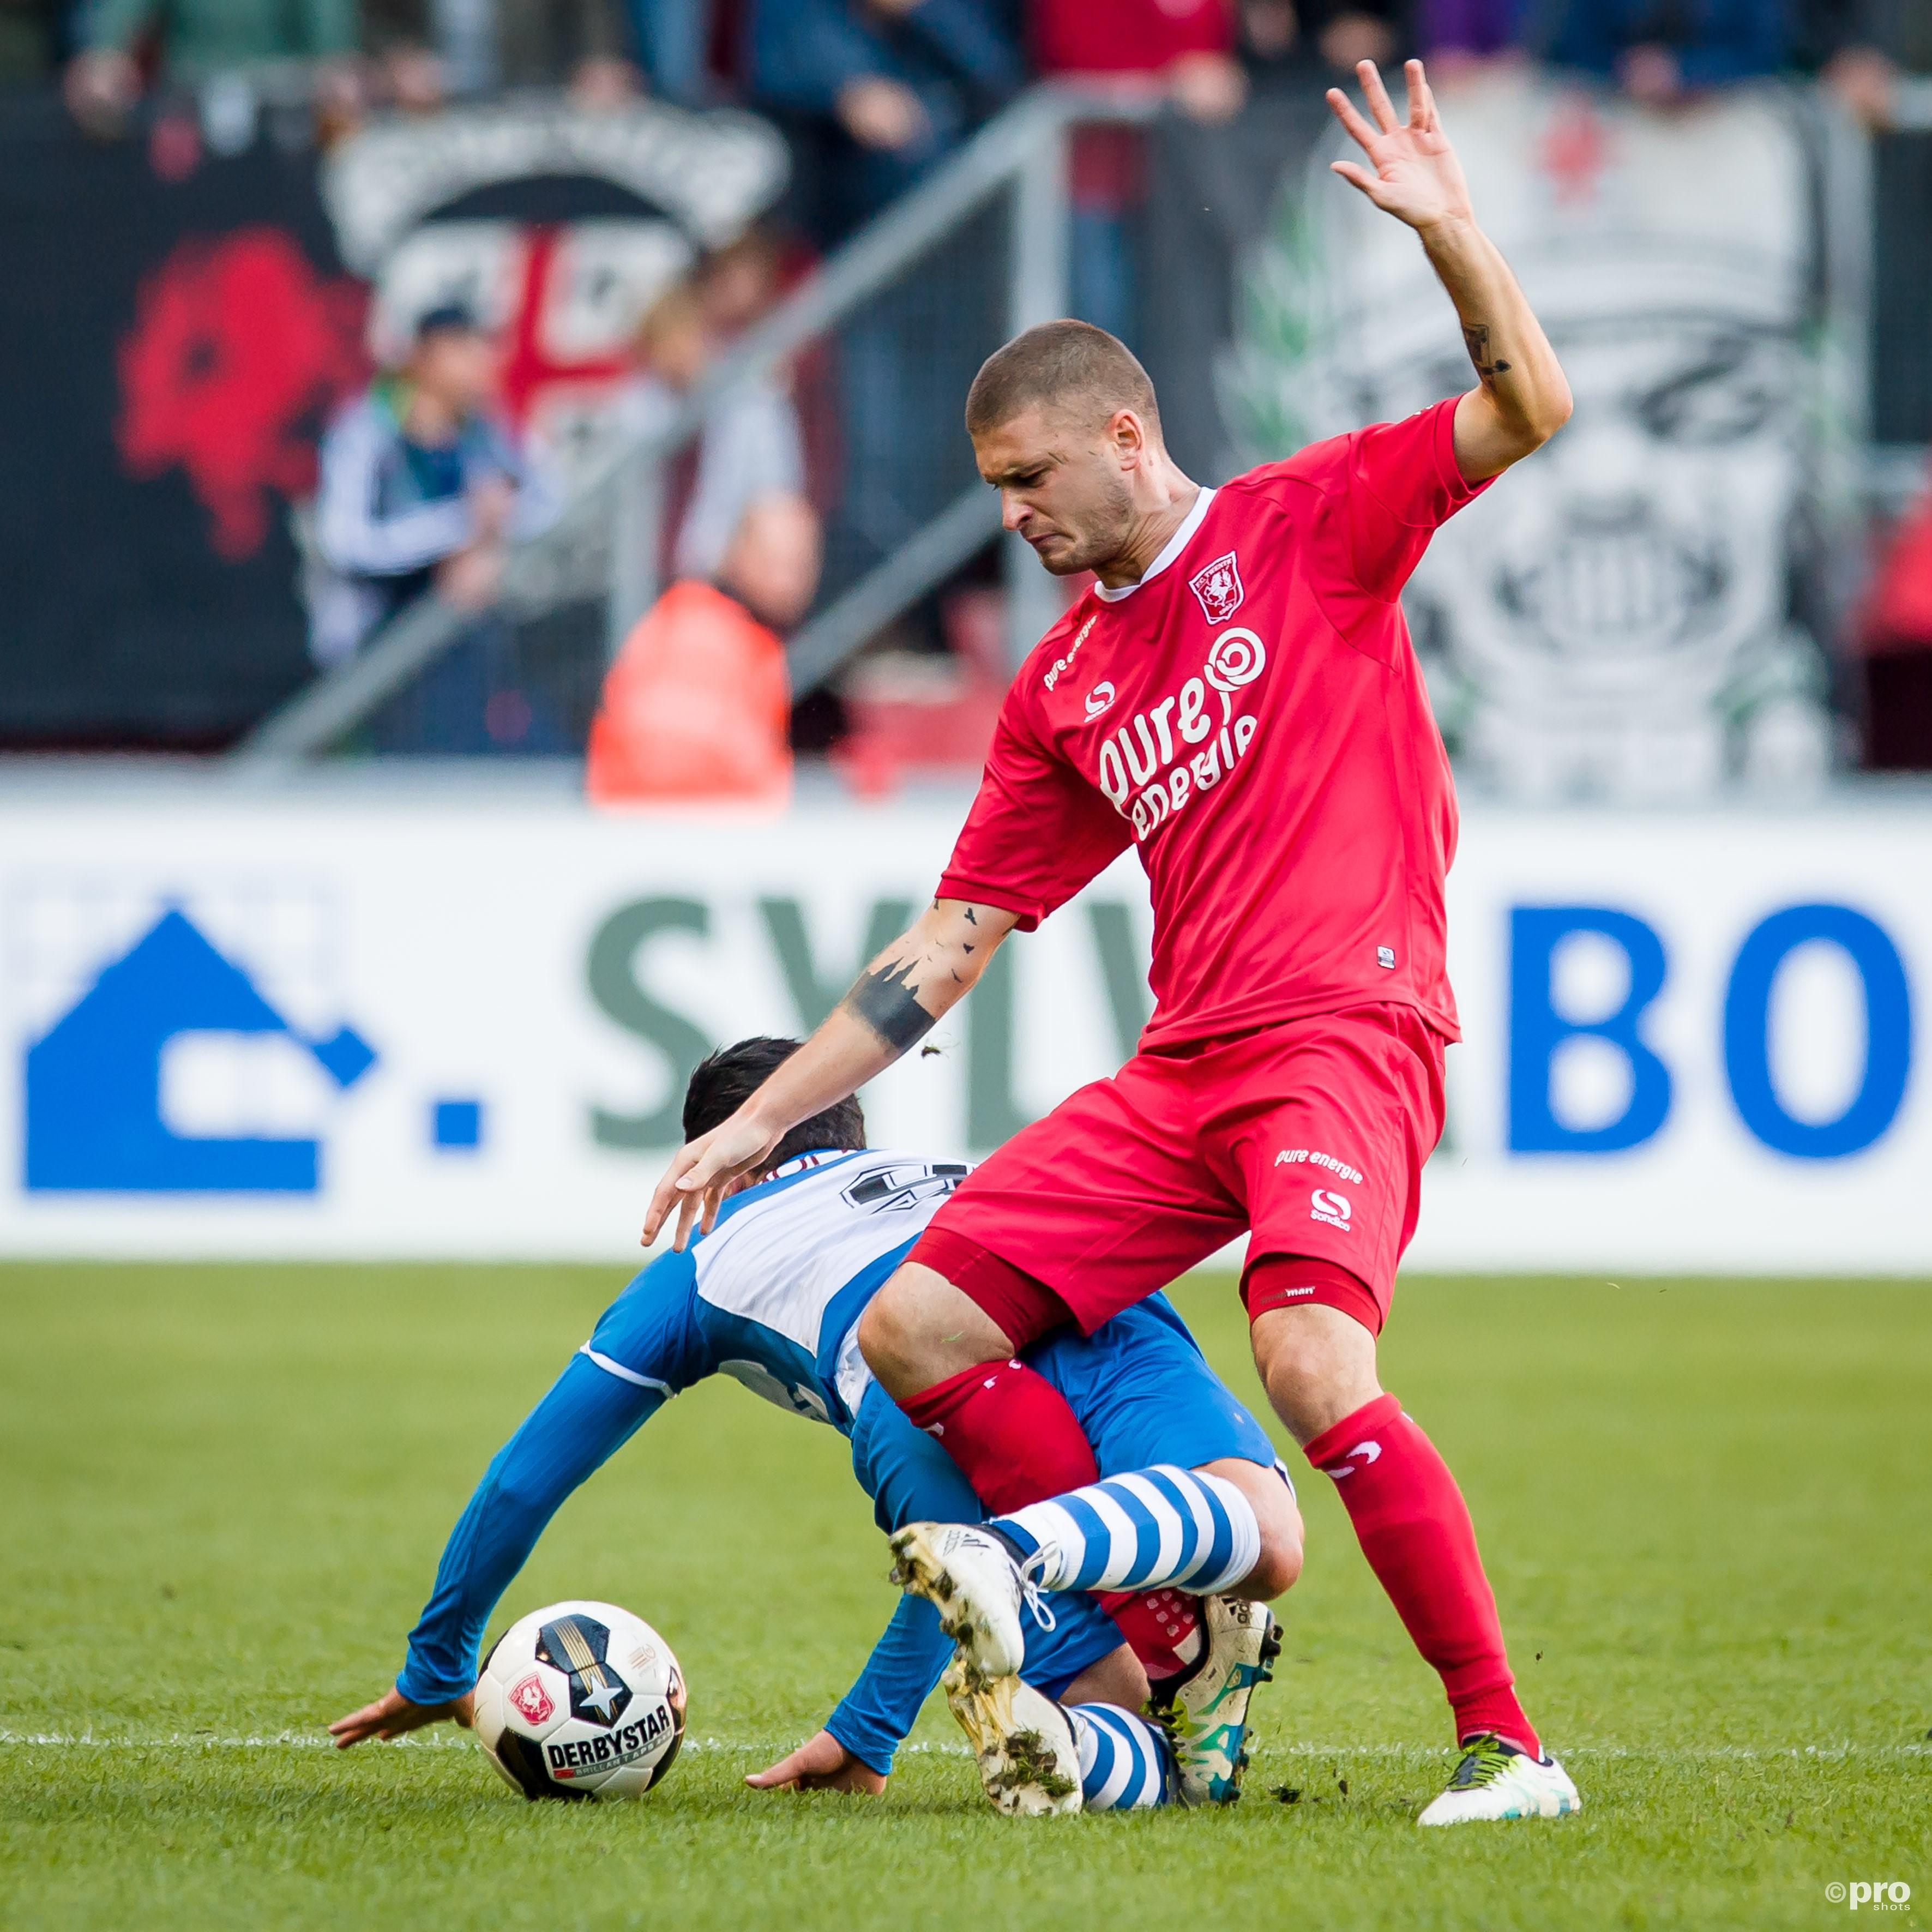 FC Twente-speler Mateusz Klich in duel met PEC Zwolle-speler Anass Achahbar. (PRO SHOTS/Lars Smook)